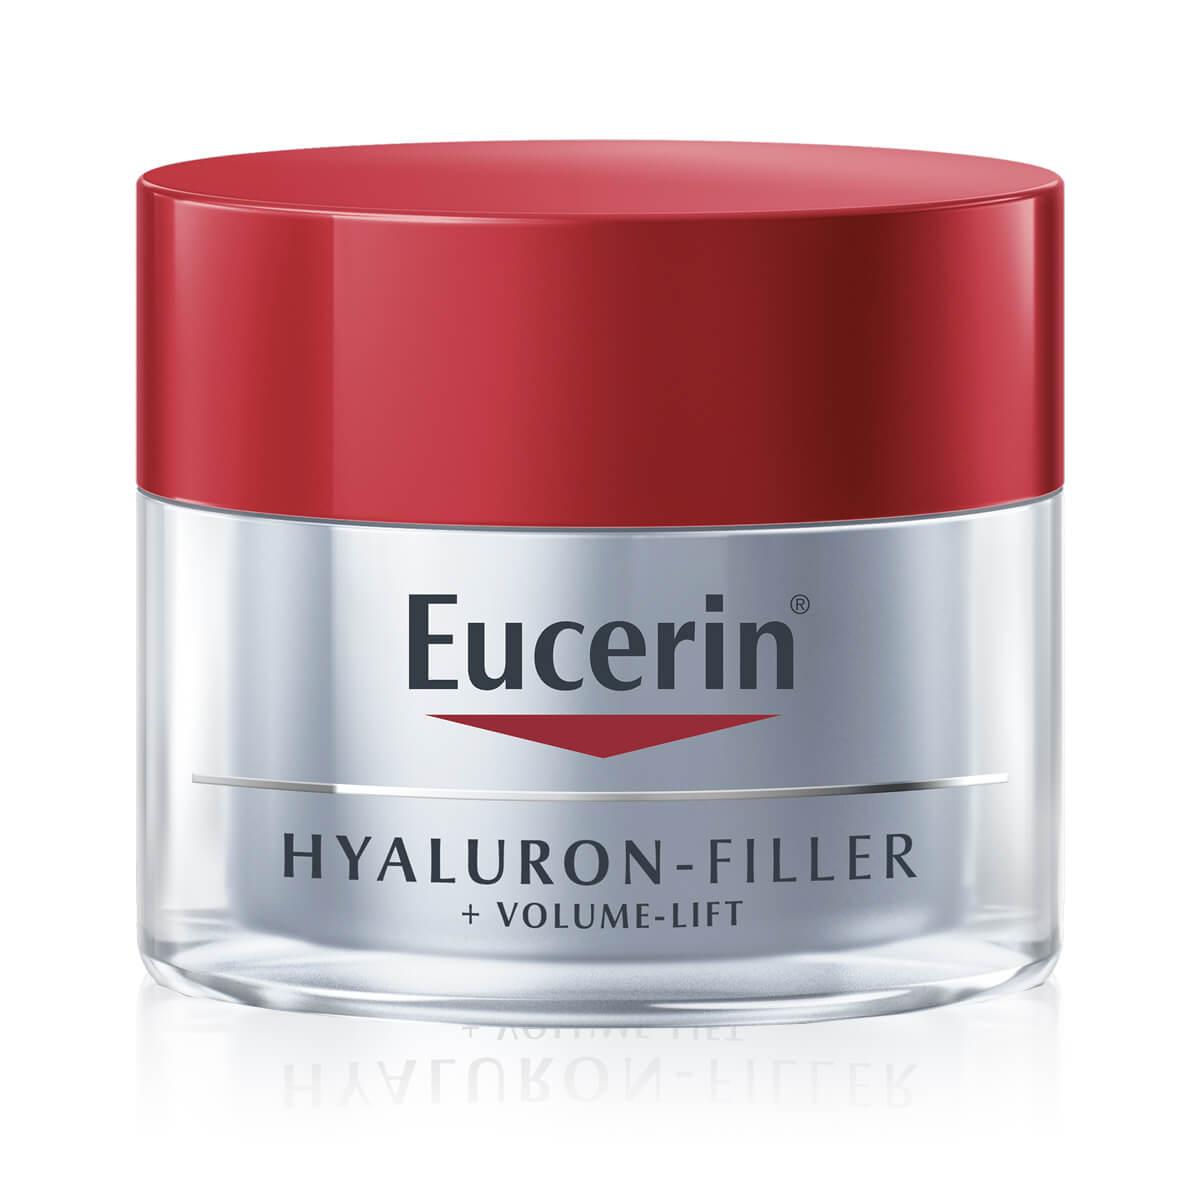 Omaggio Eucerin Hyaluron-Filler + Volume-Lift Notte